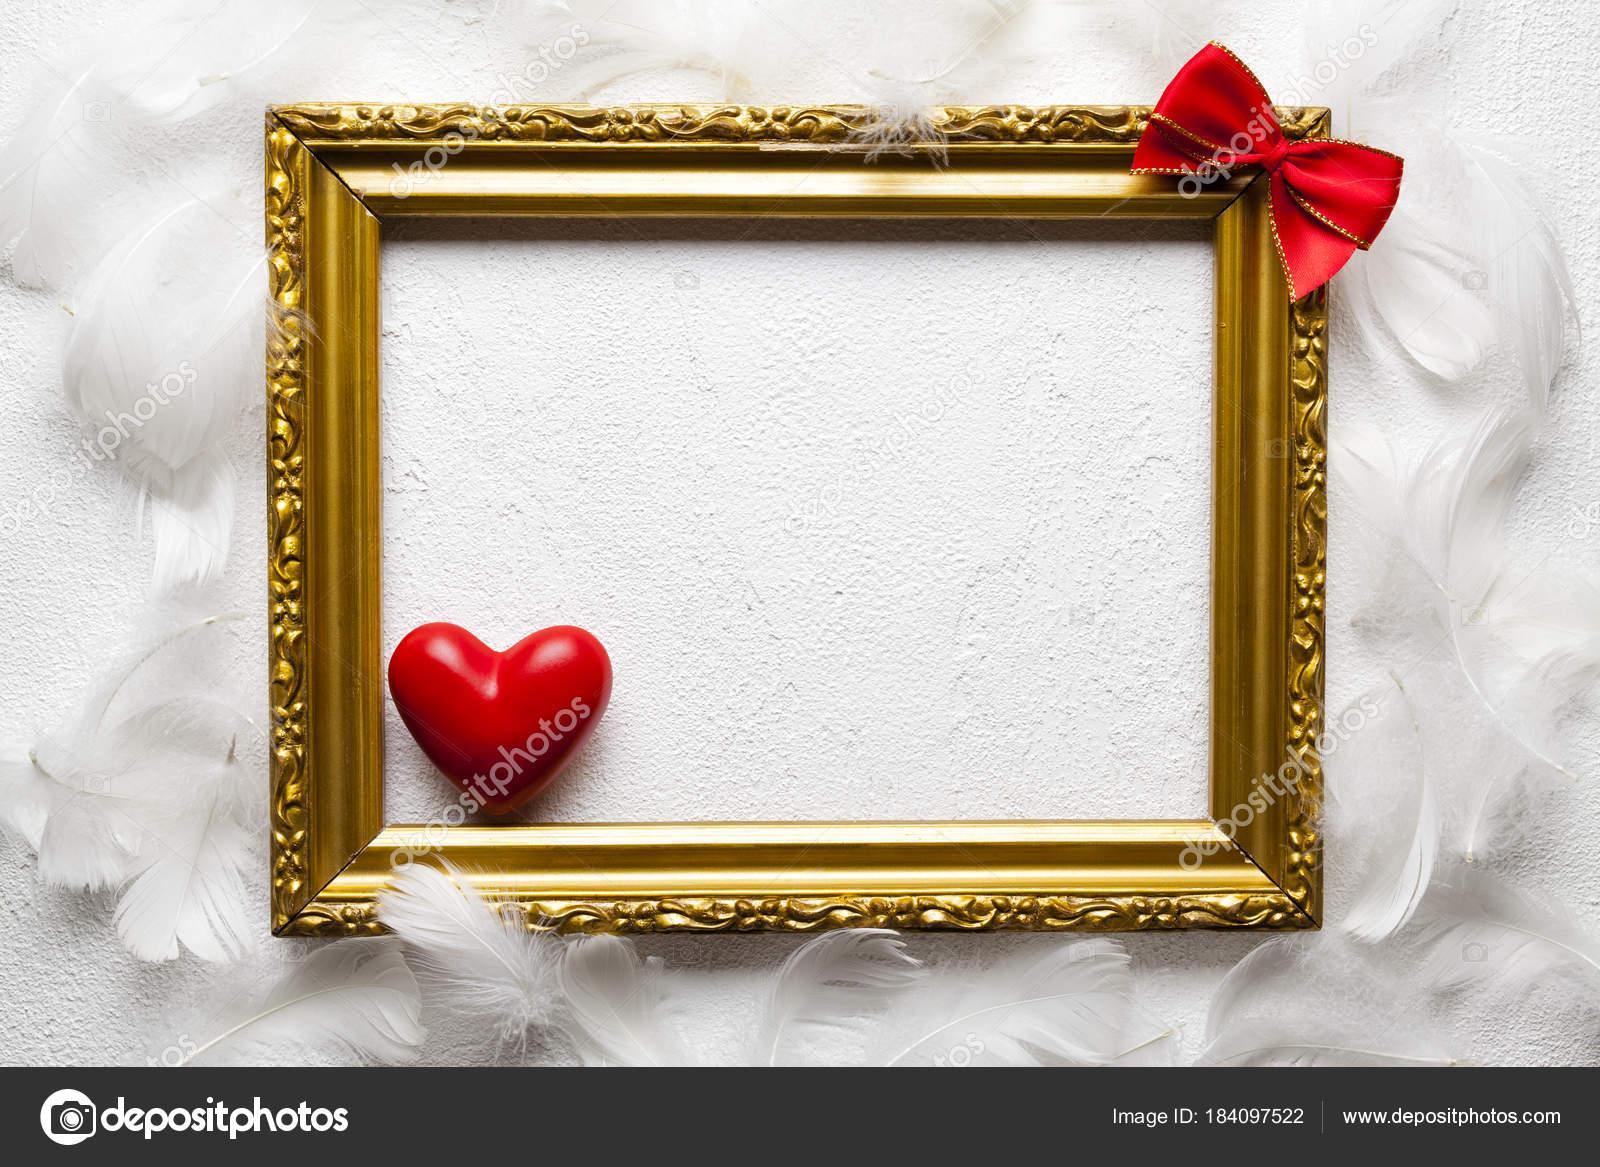 Valentinstag - Gold Bilderrahmen, rotes Herz und Bogen auf weiß ...